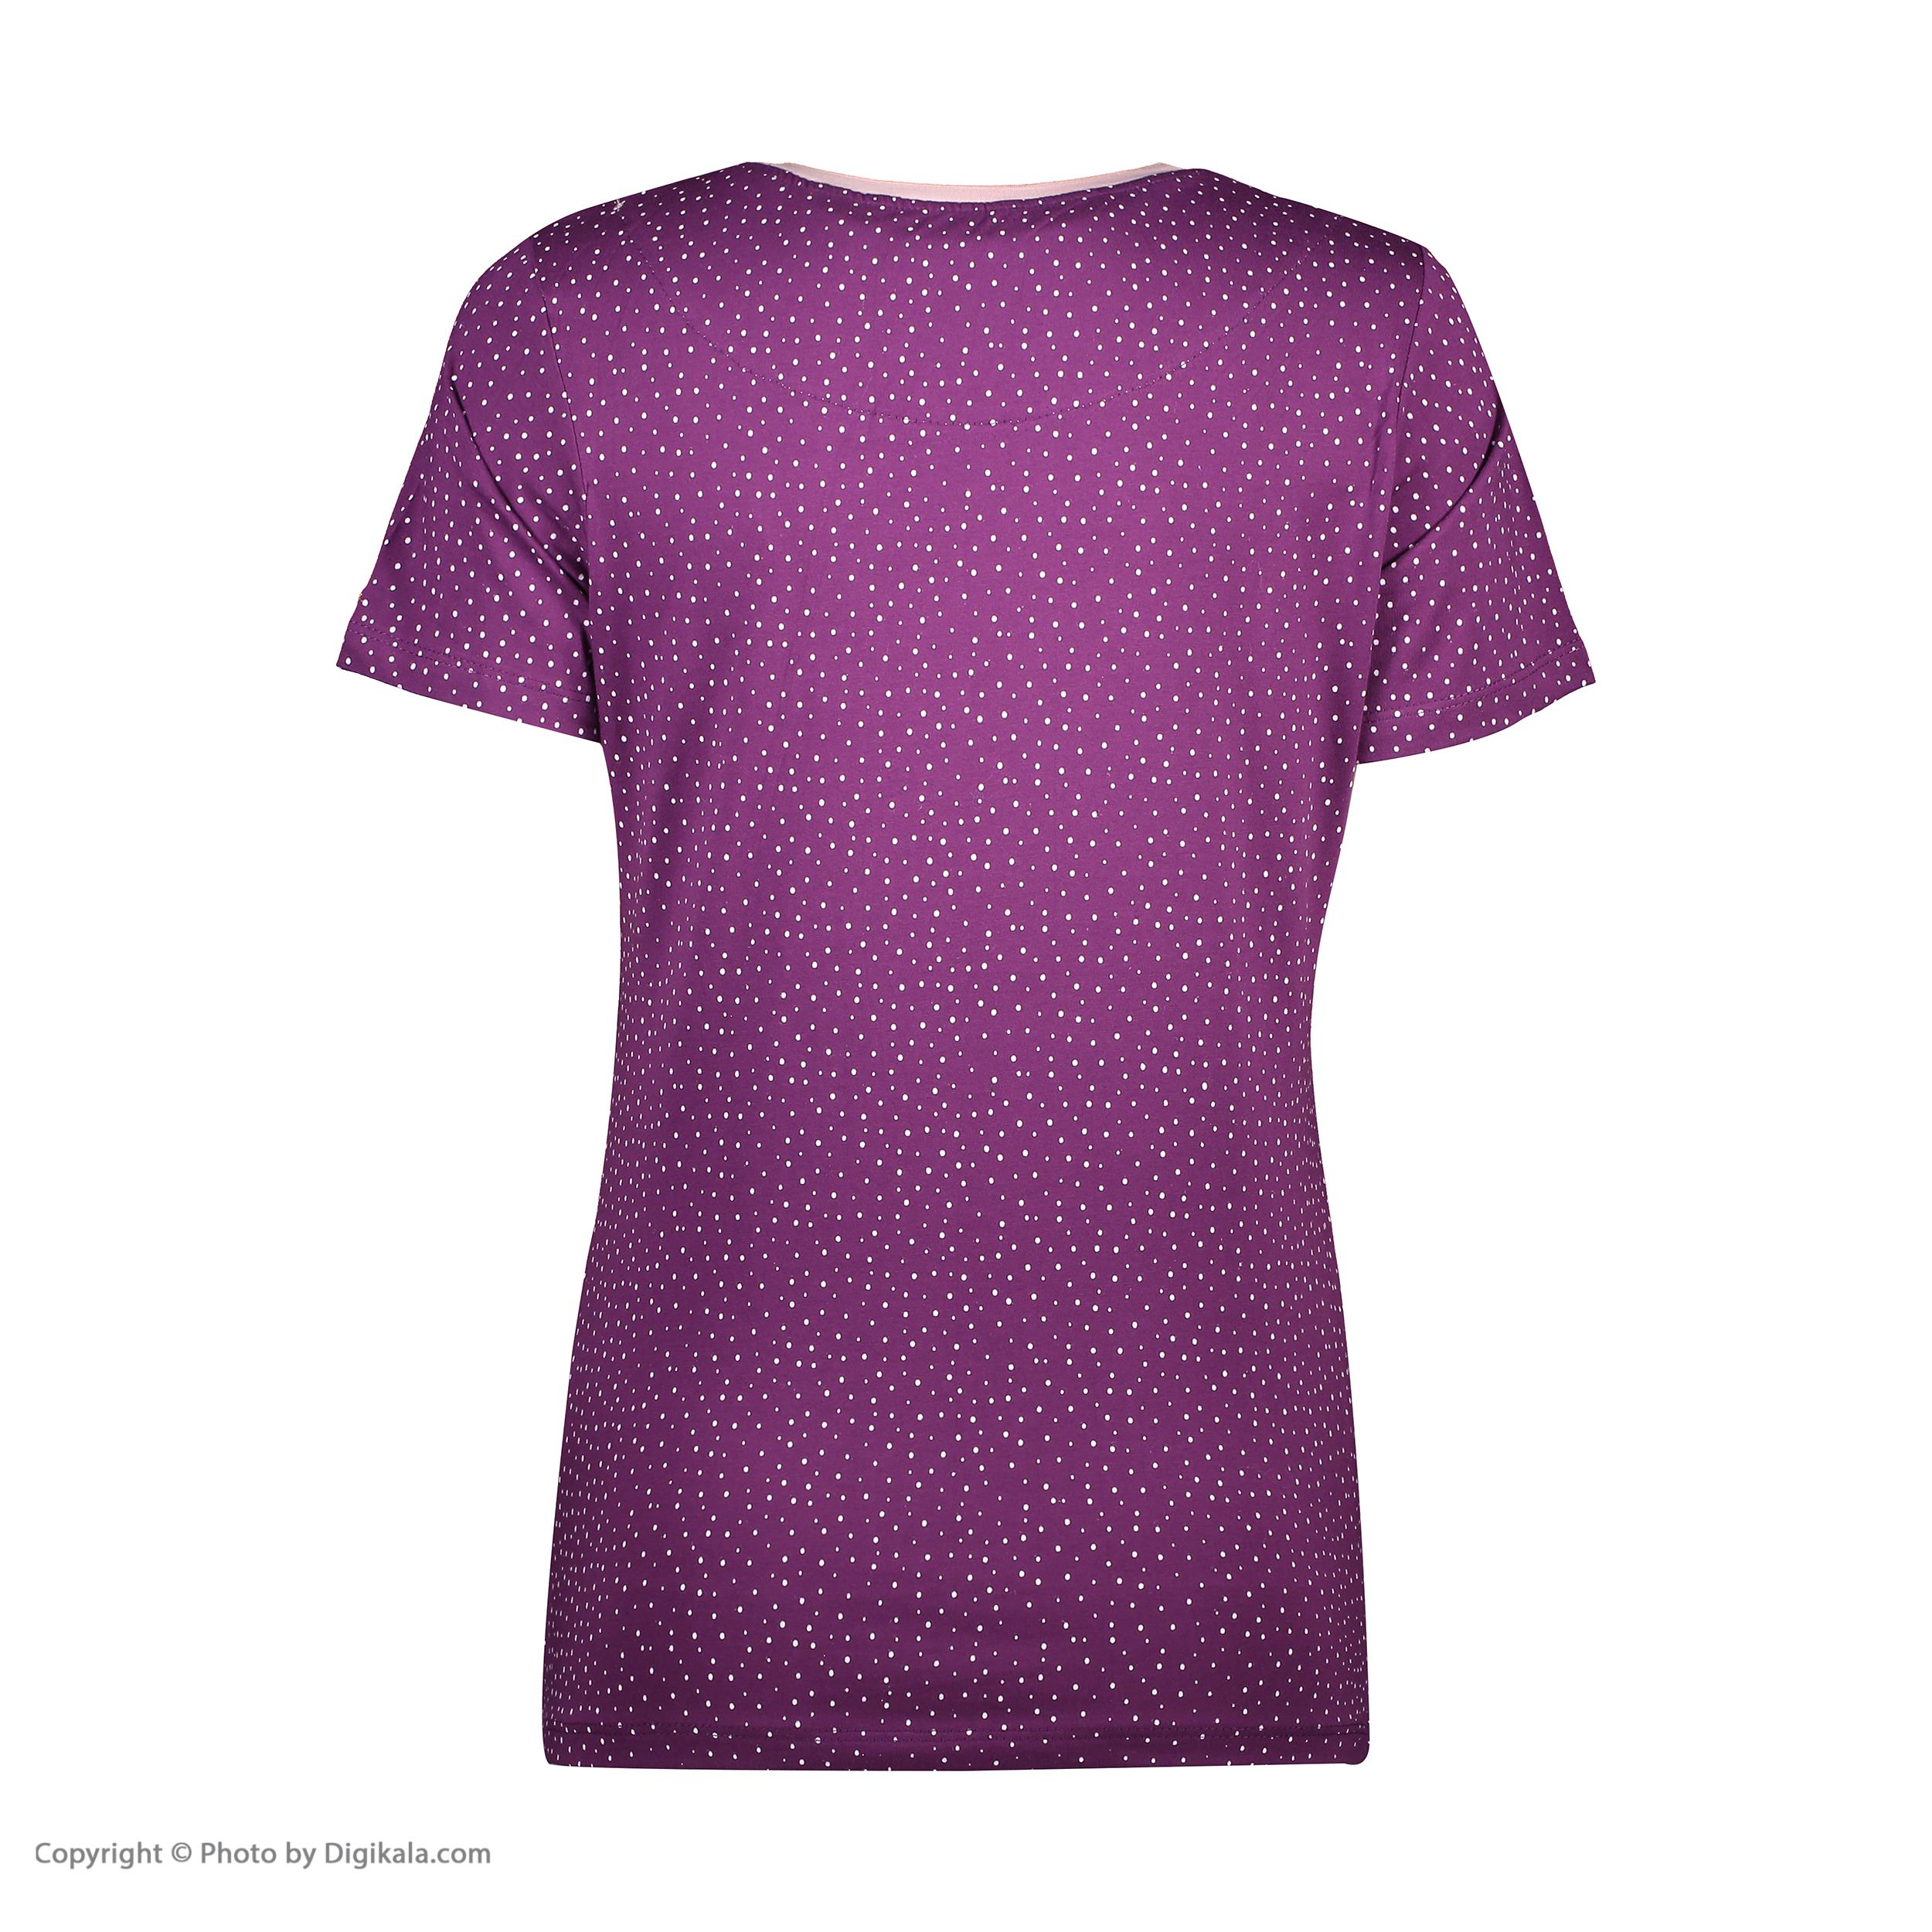 ست تی شرت و شلوارک راحتی زنانه مادر مدل 2041102-67 -  - 6